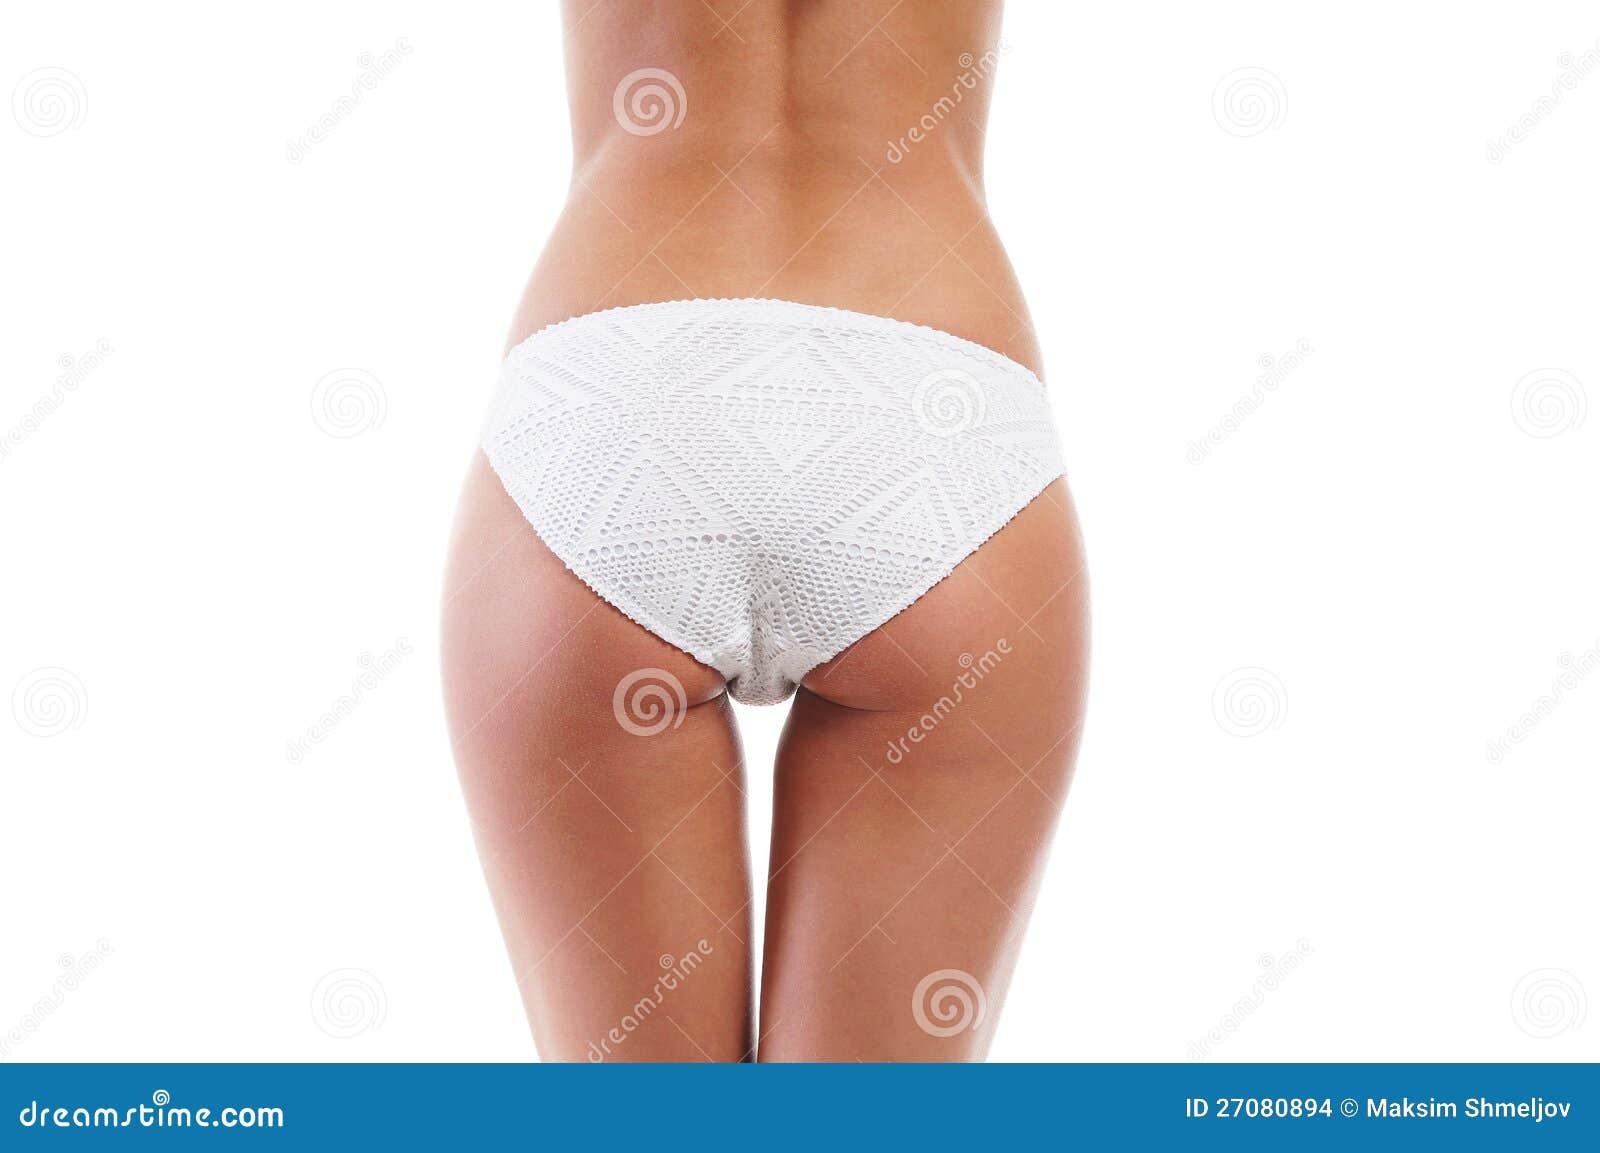 Can legs panties and ass